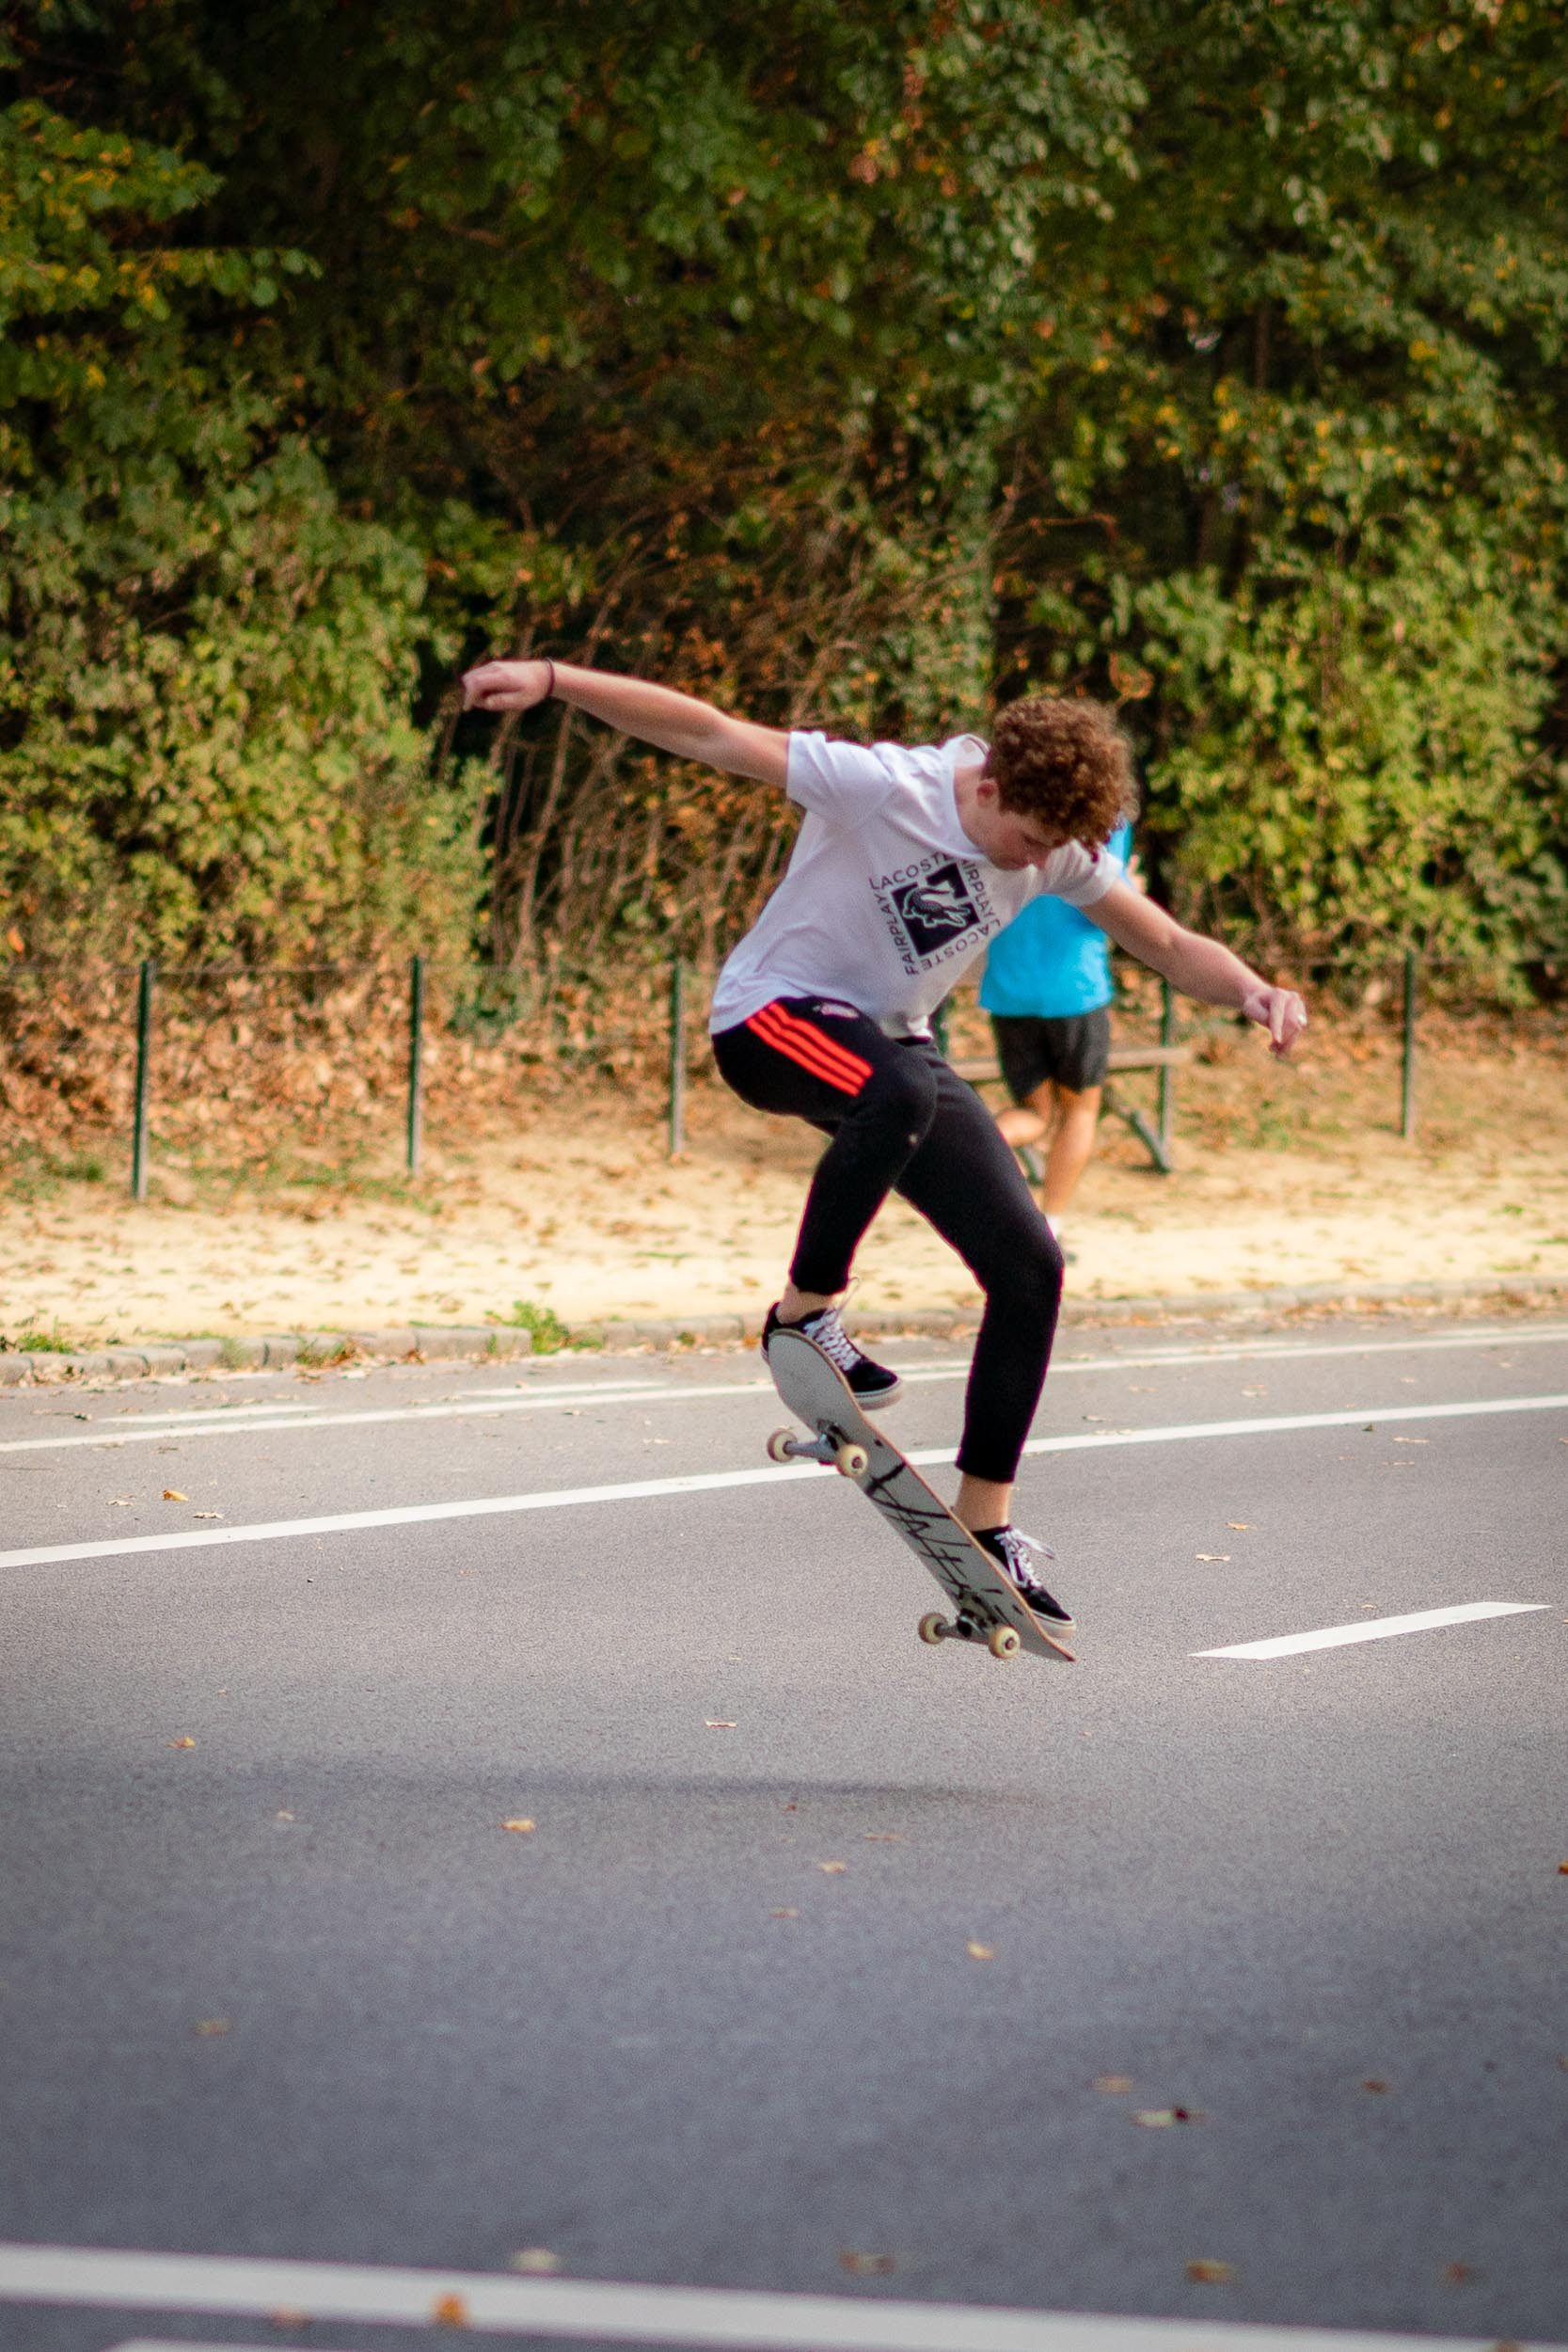 Photograph of a Skate event in the Bois de la Cambre